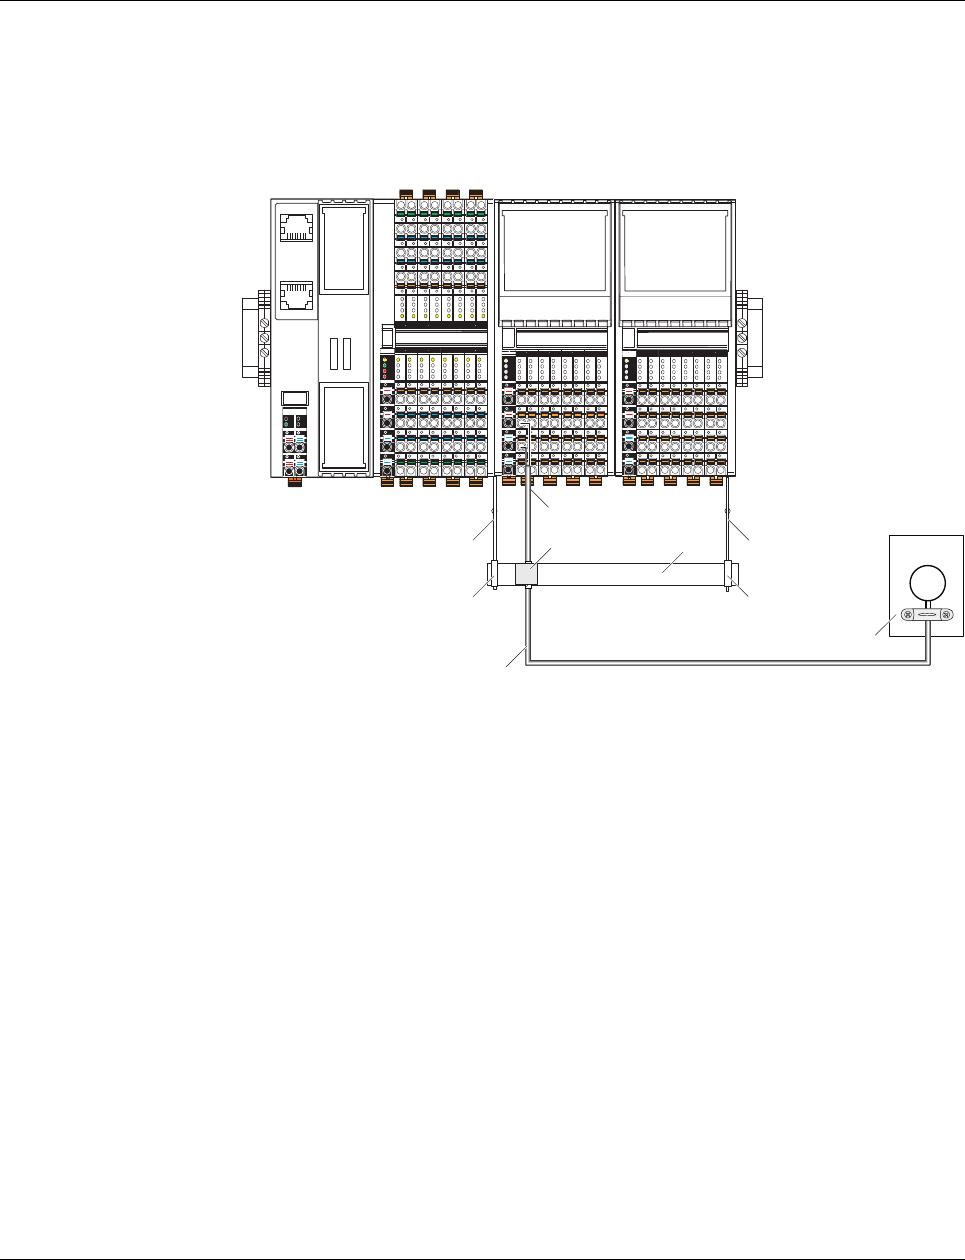 hight resolution of um en axl f sys inst